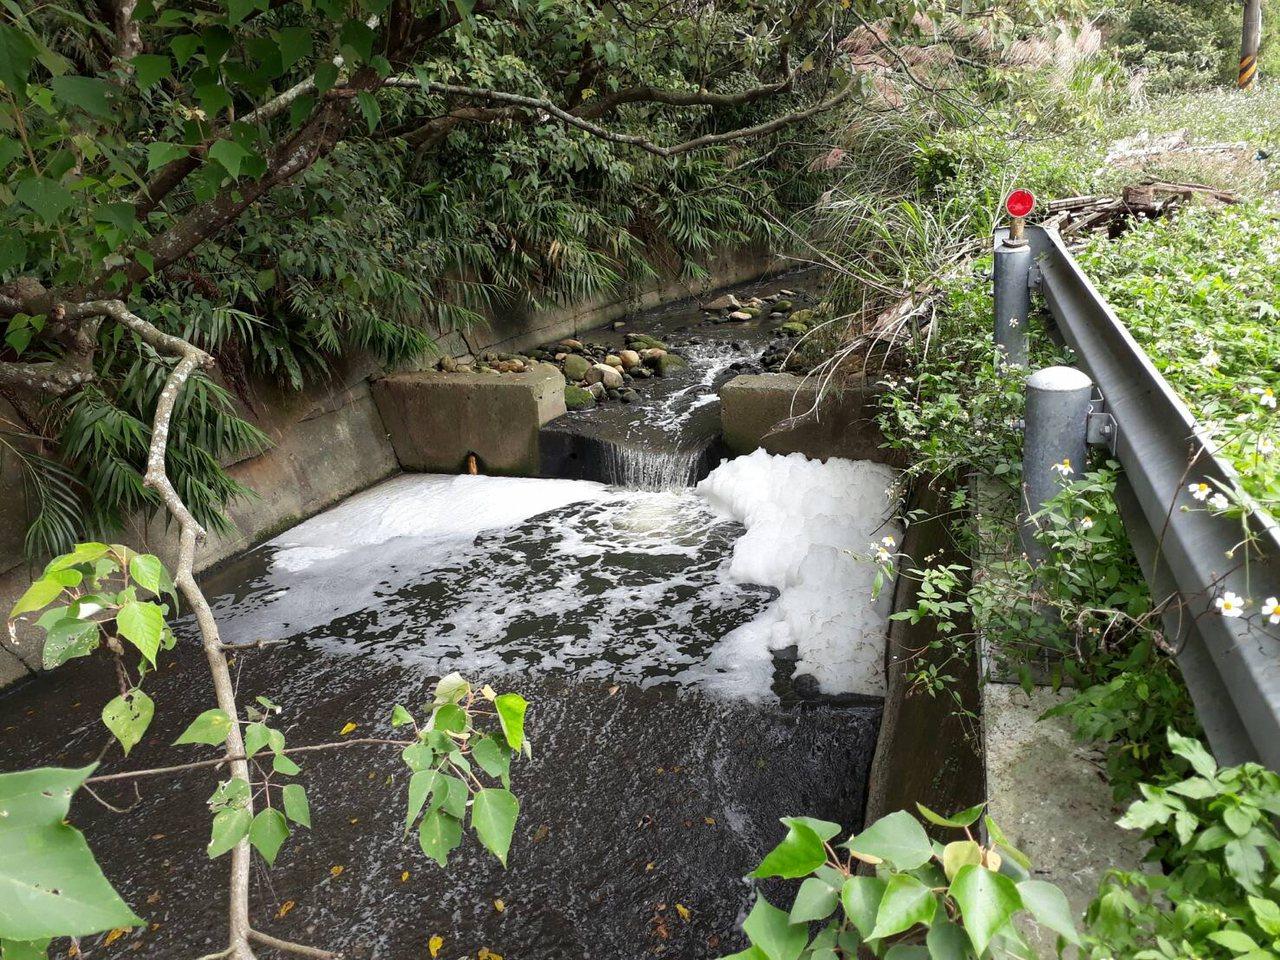 野溪出現許多泡沫,環保局已取樣分析並稽查來源。圖/市議員蔡淑君提供